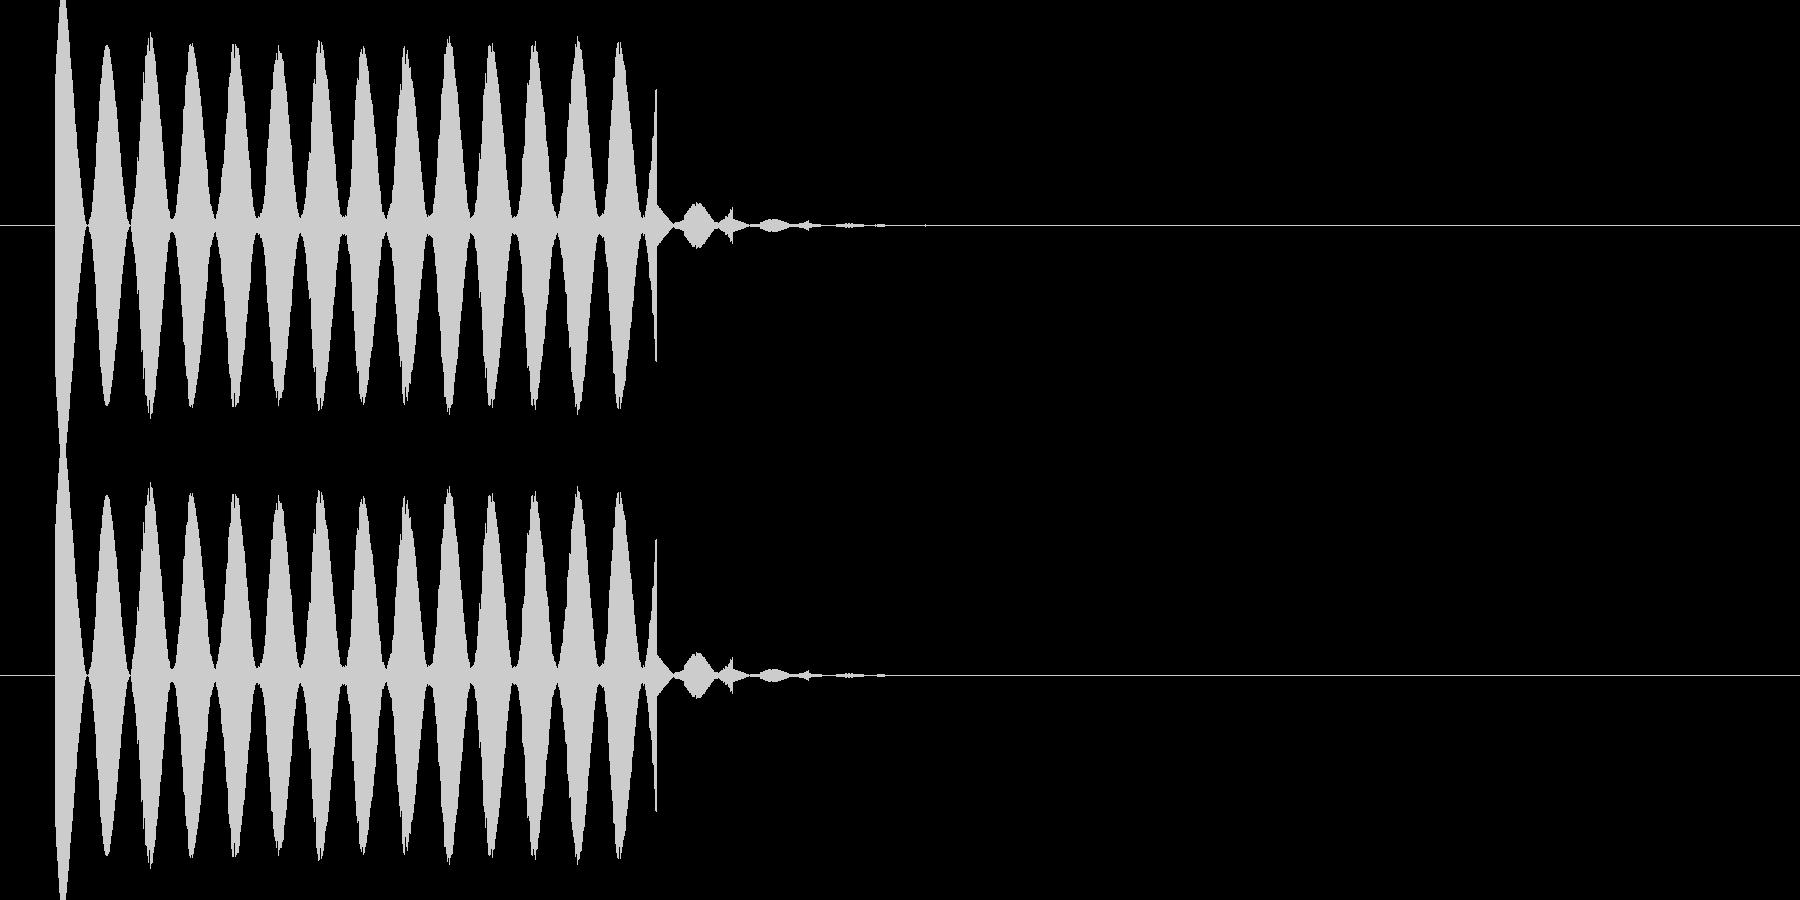 ビビビ ピヨピヨ ビヨーンな光線音1ですの未再生の波形